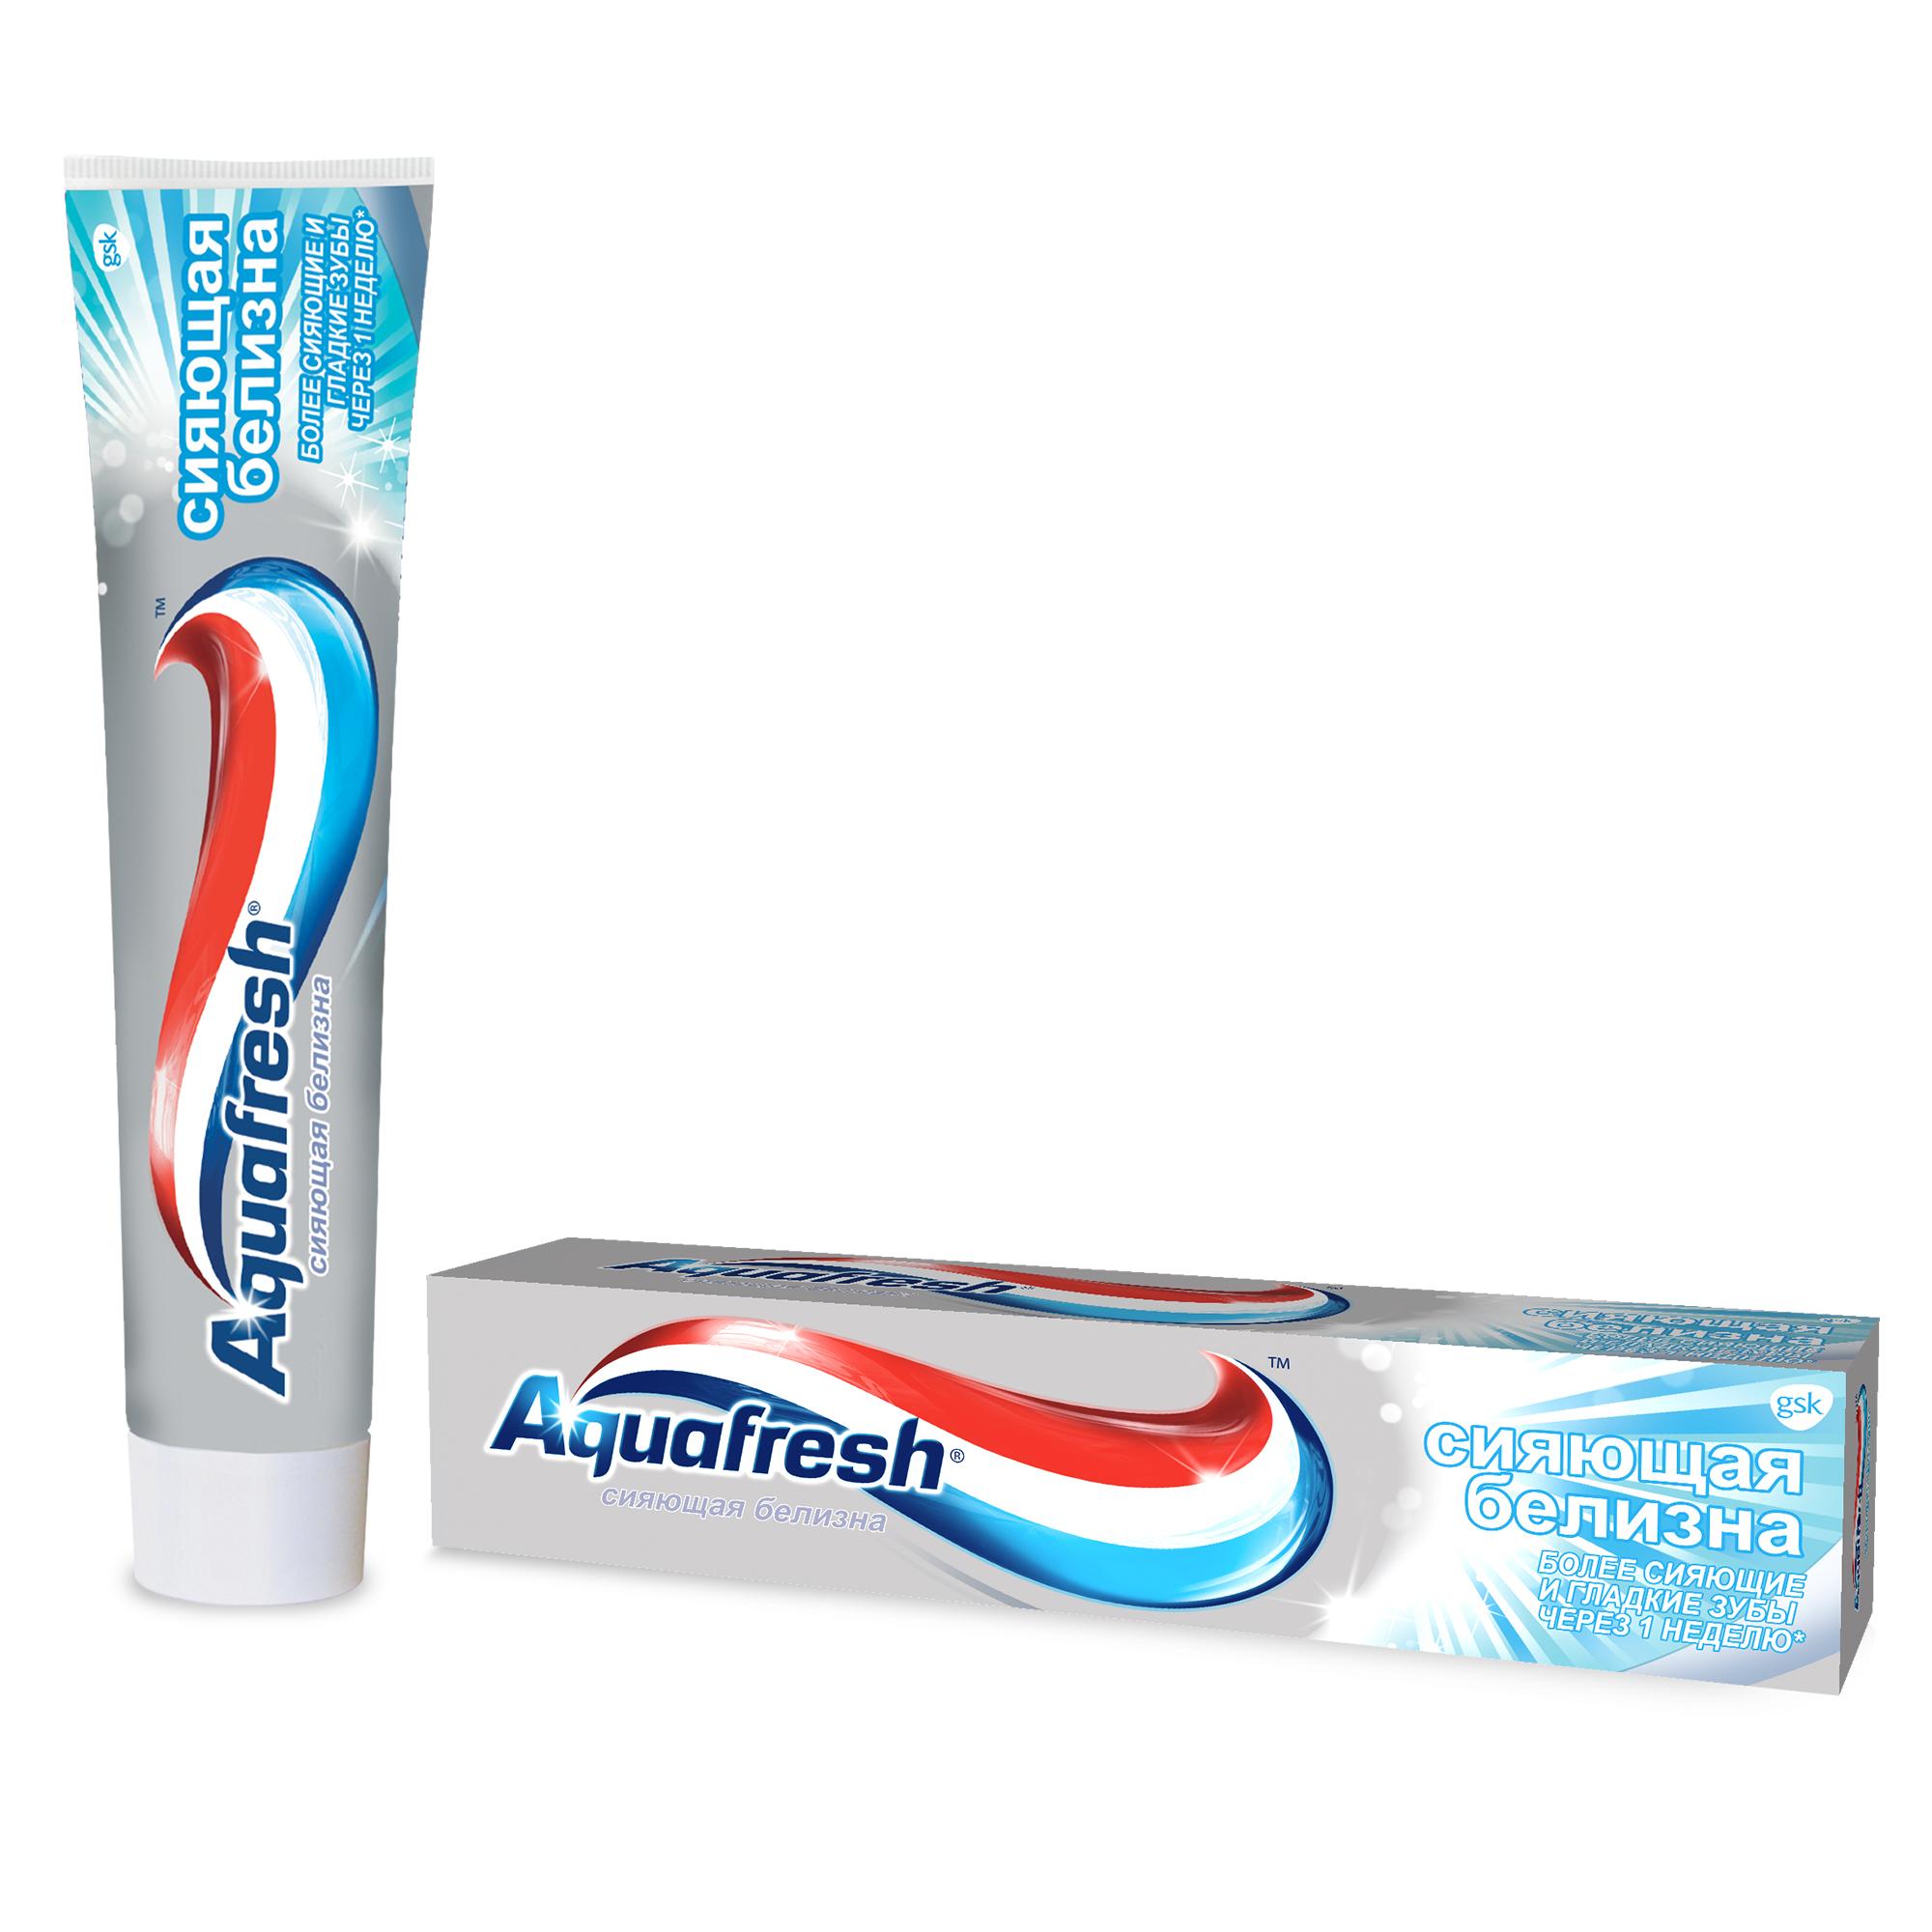 Зубная паста Aquafresh Тройная защита Сияющая белизна, 100 мл фото